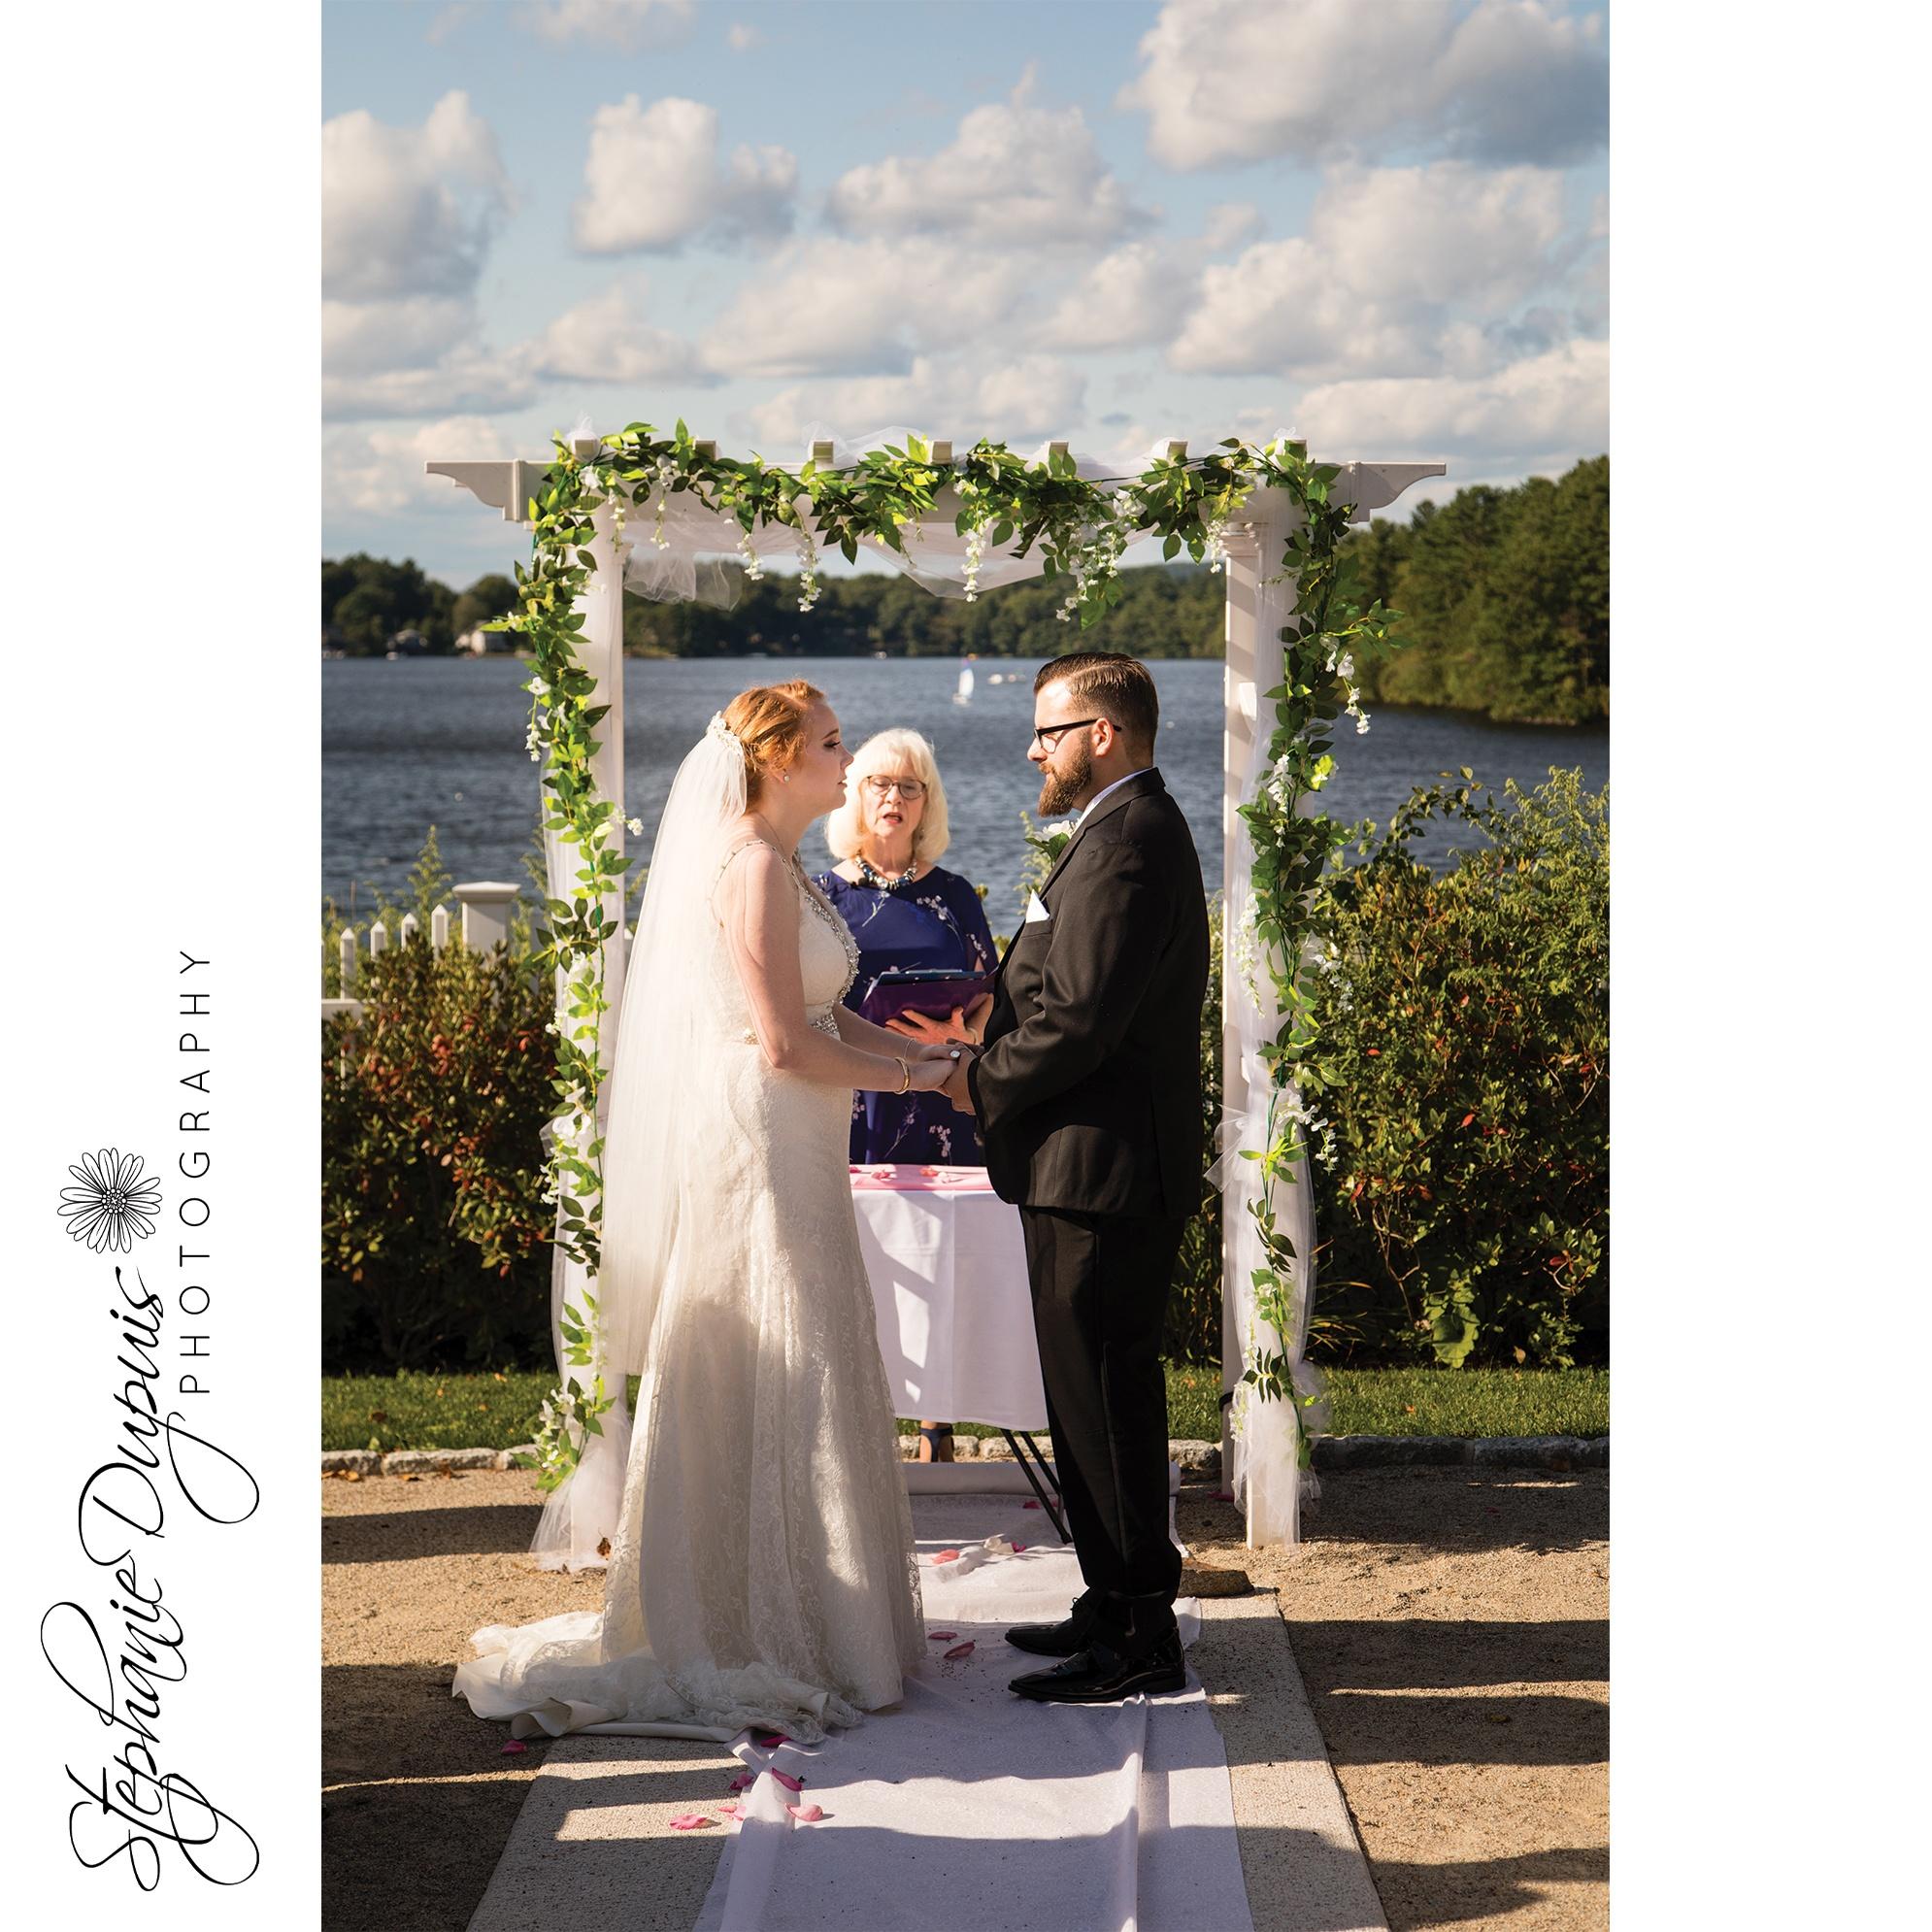 Gaffney 22 - Portfolio: Gaffney Wedding